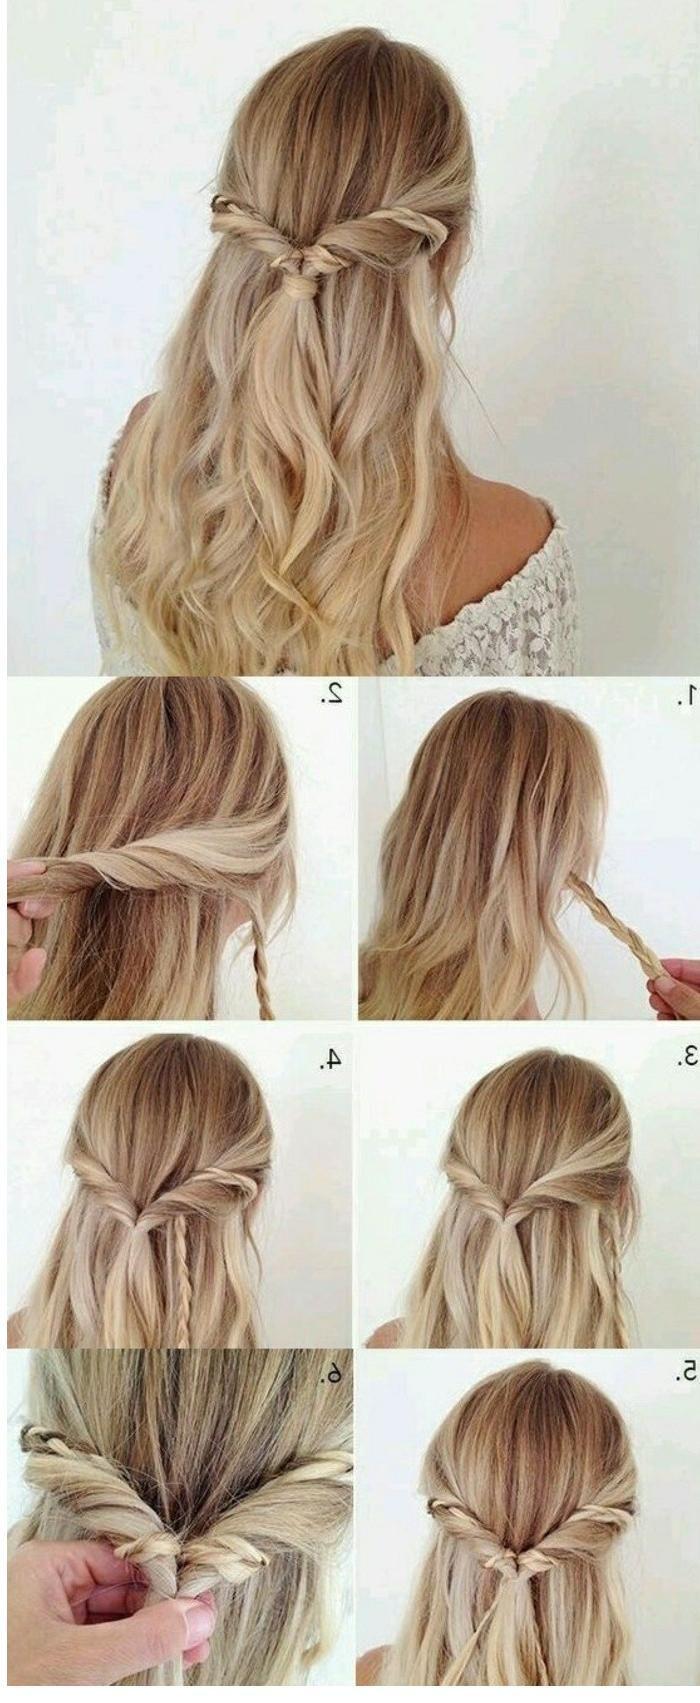 einfache frisuren zum selber machen #einfache #frisuren #machen #selber - Frisuren Damen #backtoschoolhairstyles